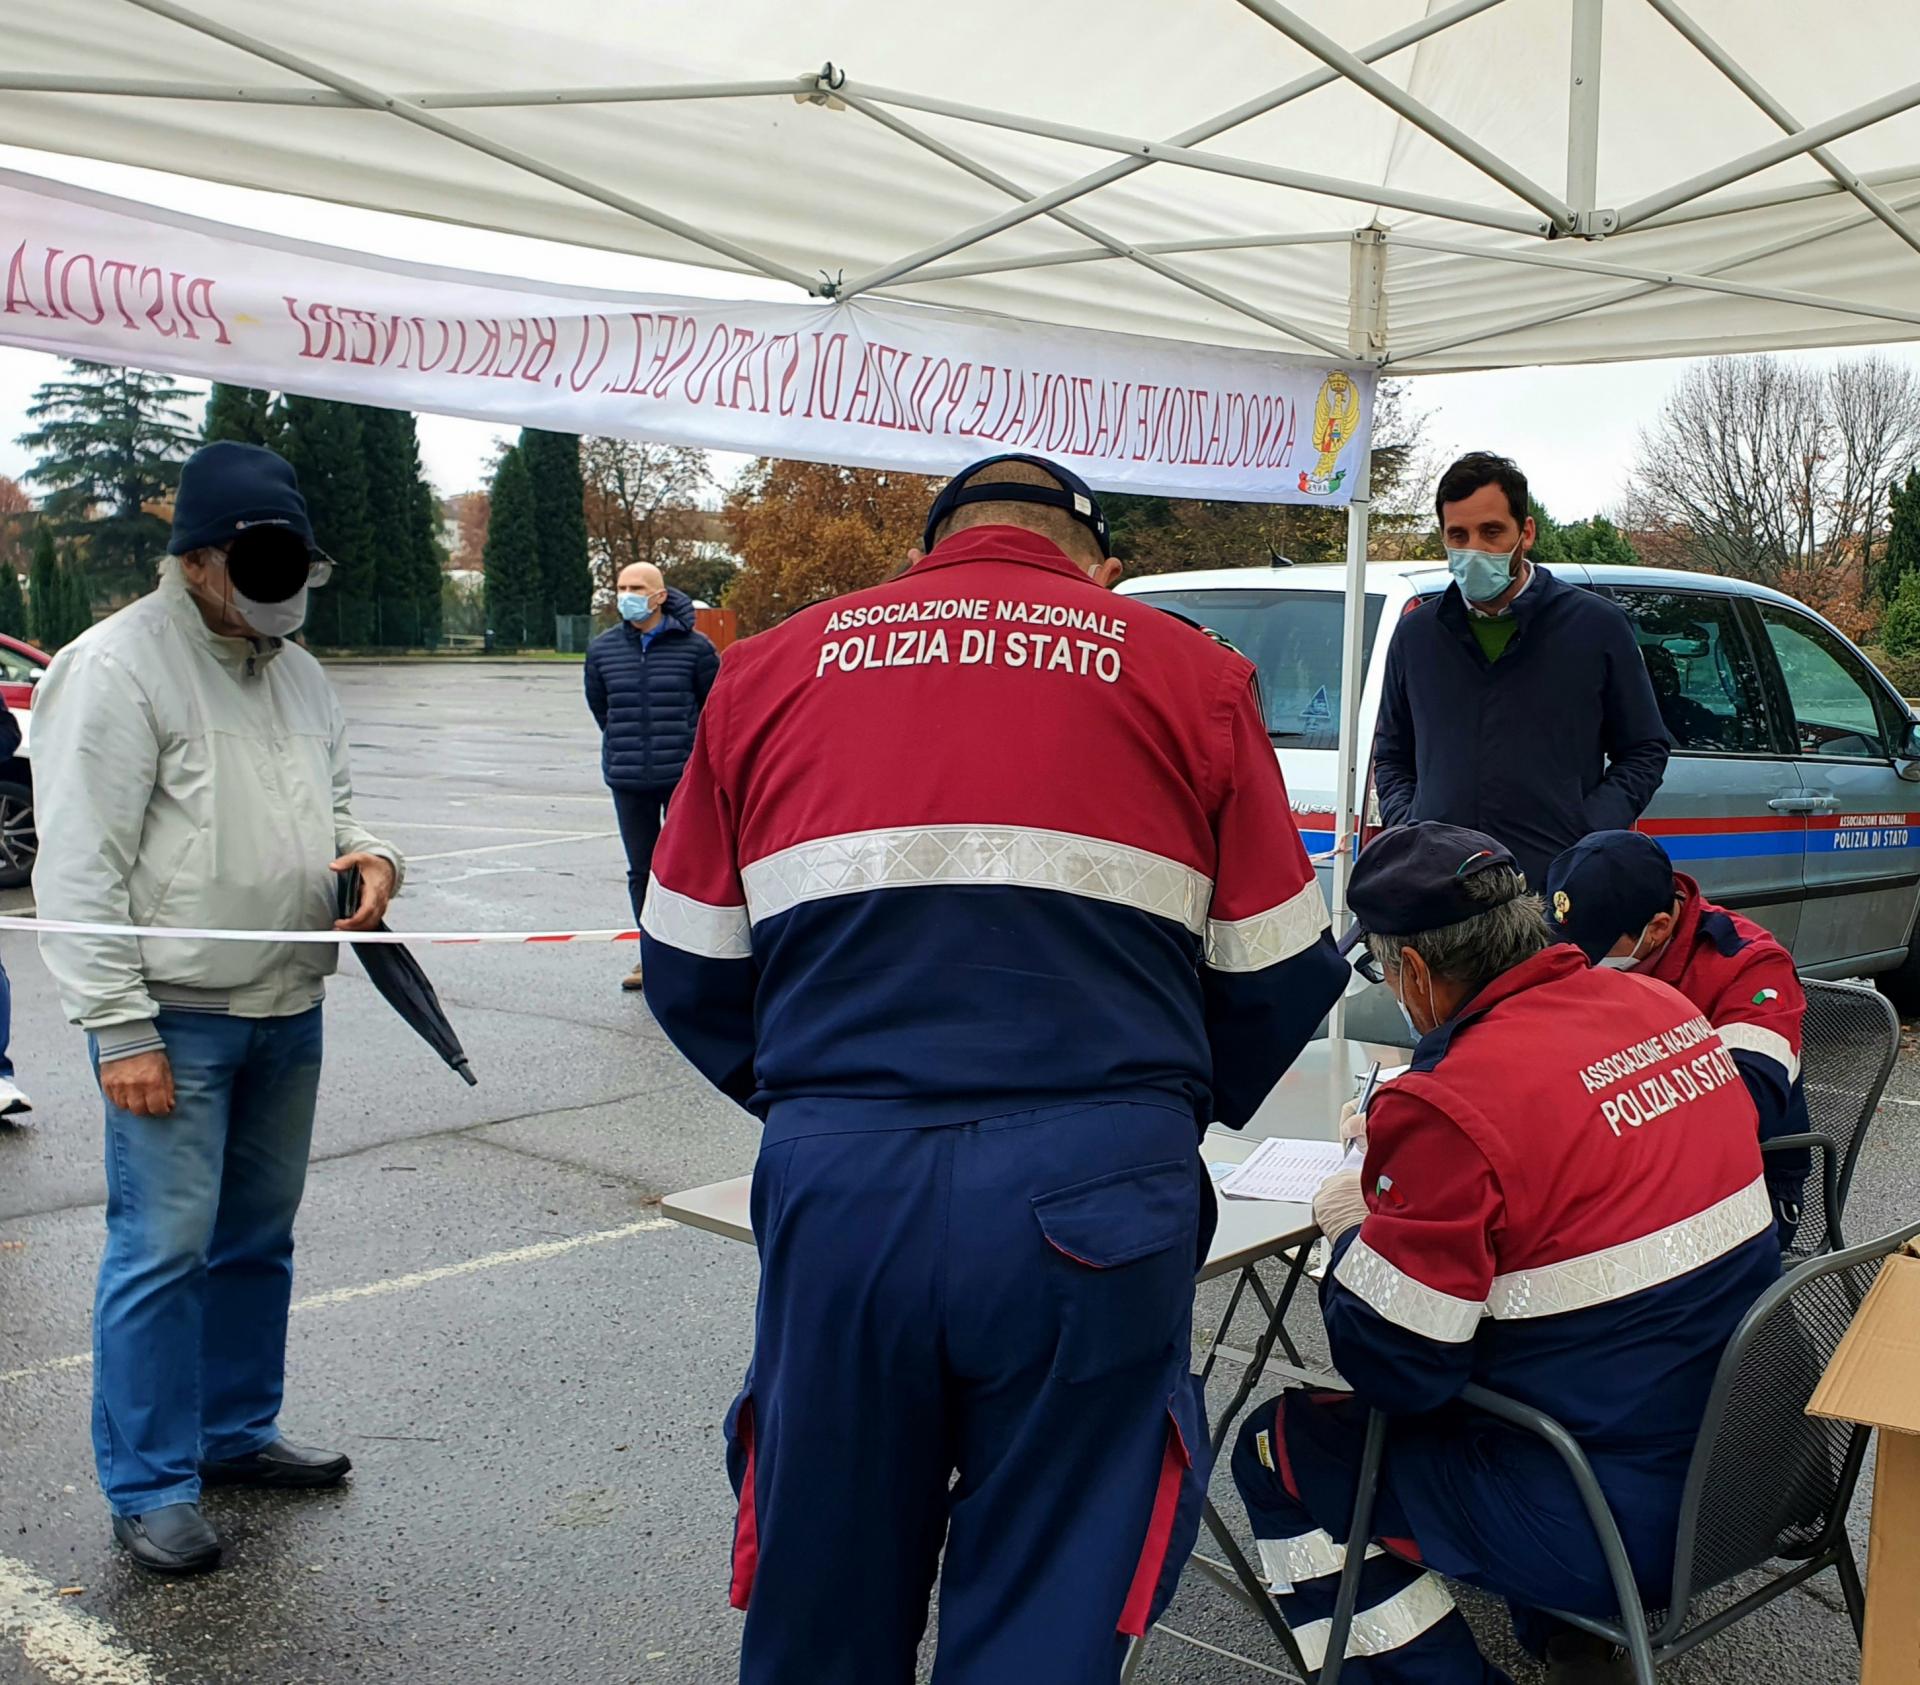 Coronavirus: distribuzione delle mascherine anche in San Biagio a Pistoia